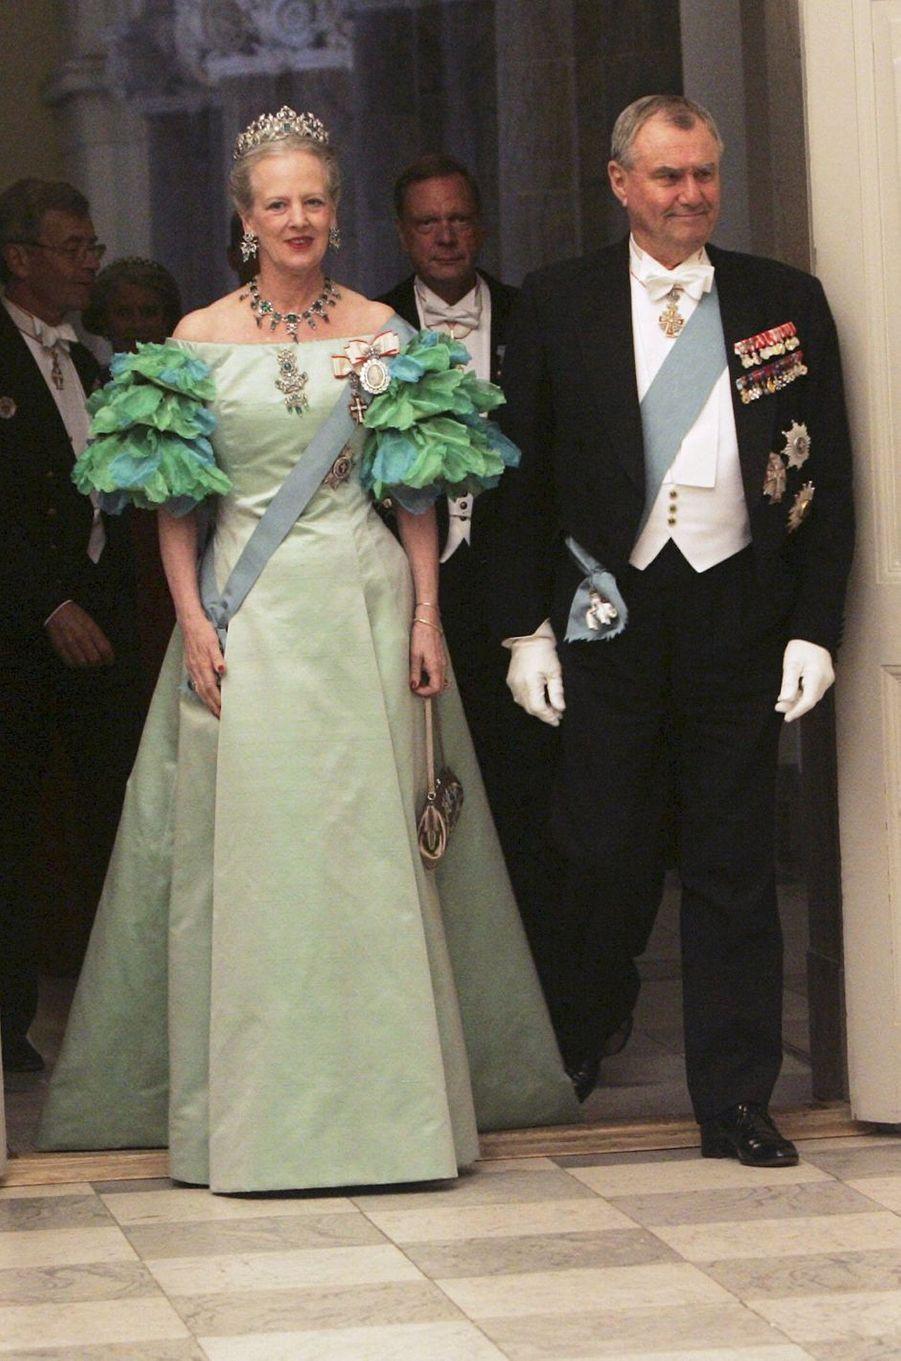 La reine Margrethe II de Danemark lors du dîner servi trois jours avant le mariage de son fils aîné le prince Frederik, le 11 mai 2004